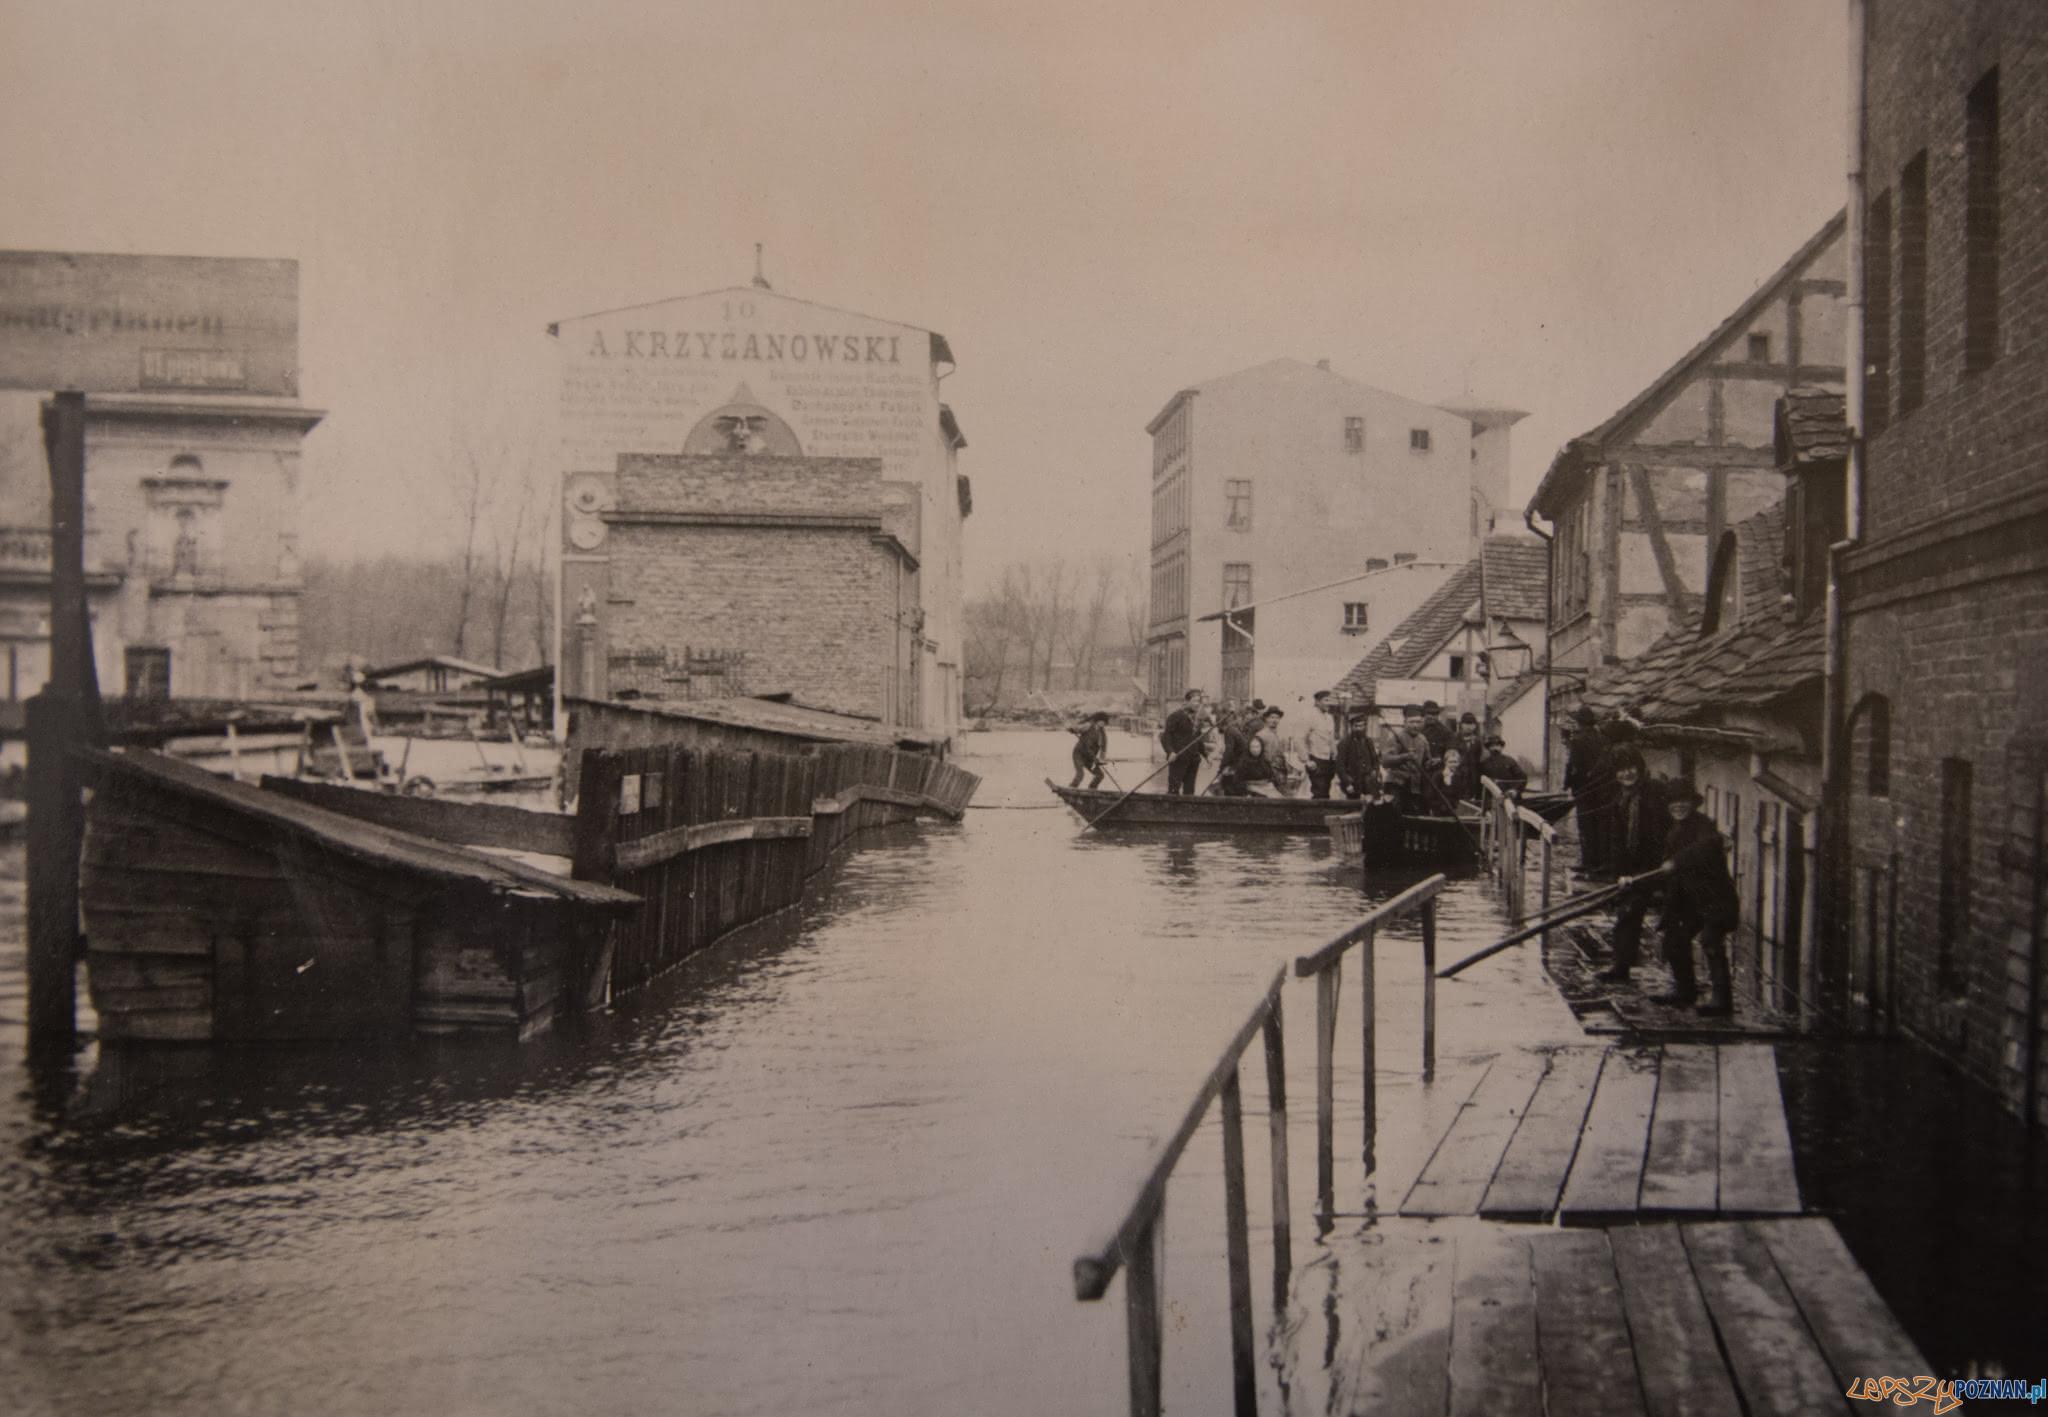 Piaskowa 1888 r.  - powódź  Foto: Miejski Konserwator Zabytków